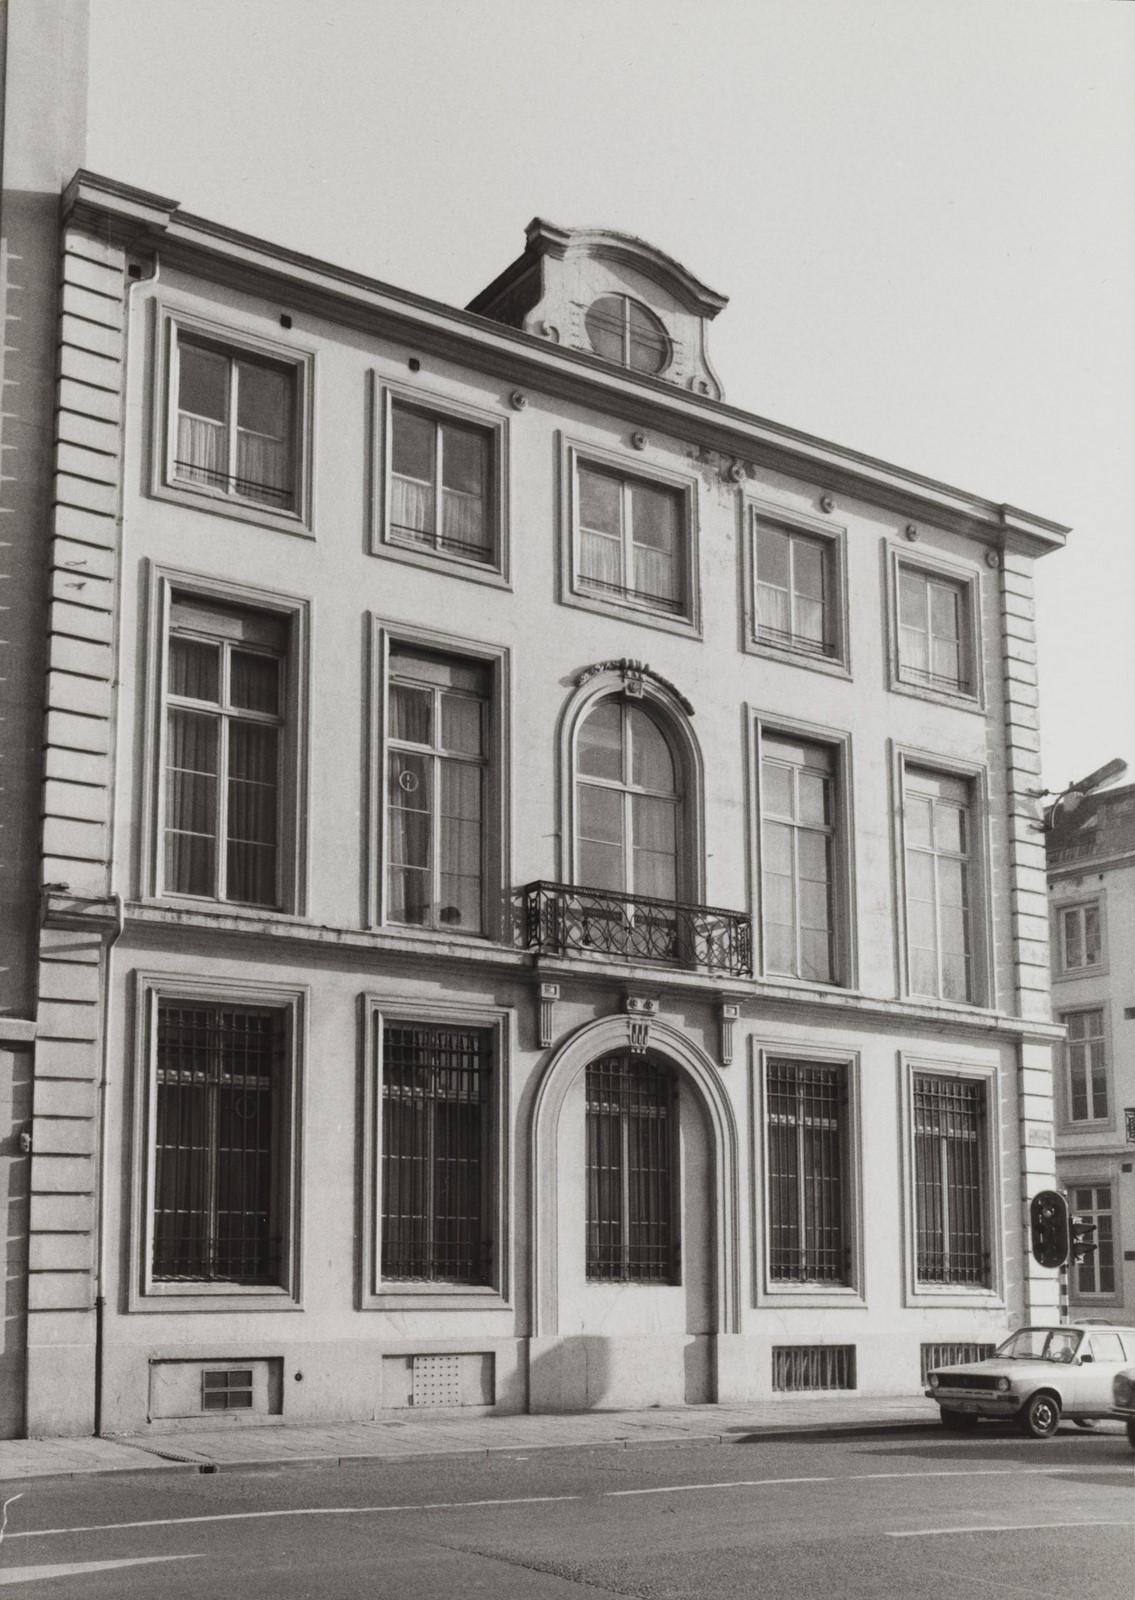 rue de la Loi 18, angle rue Ducale 55., 1981